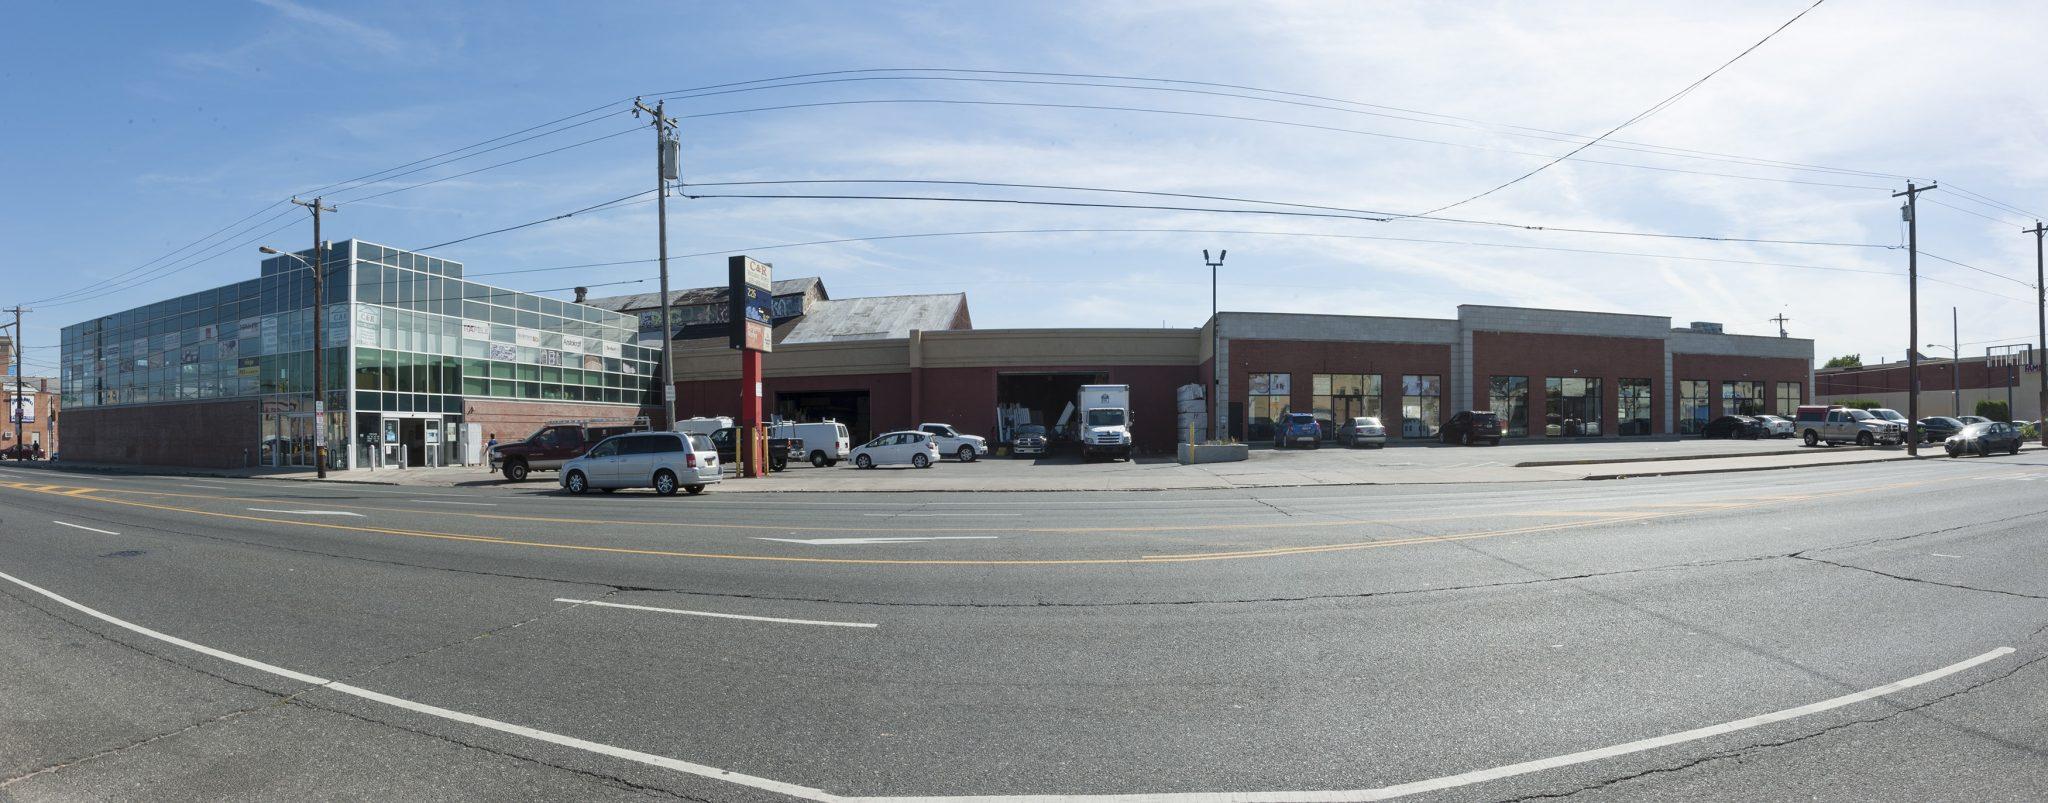 Broad Street Panarama